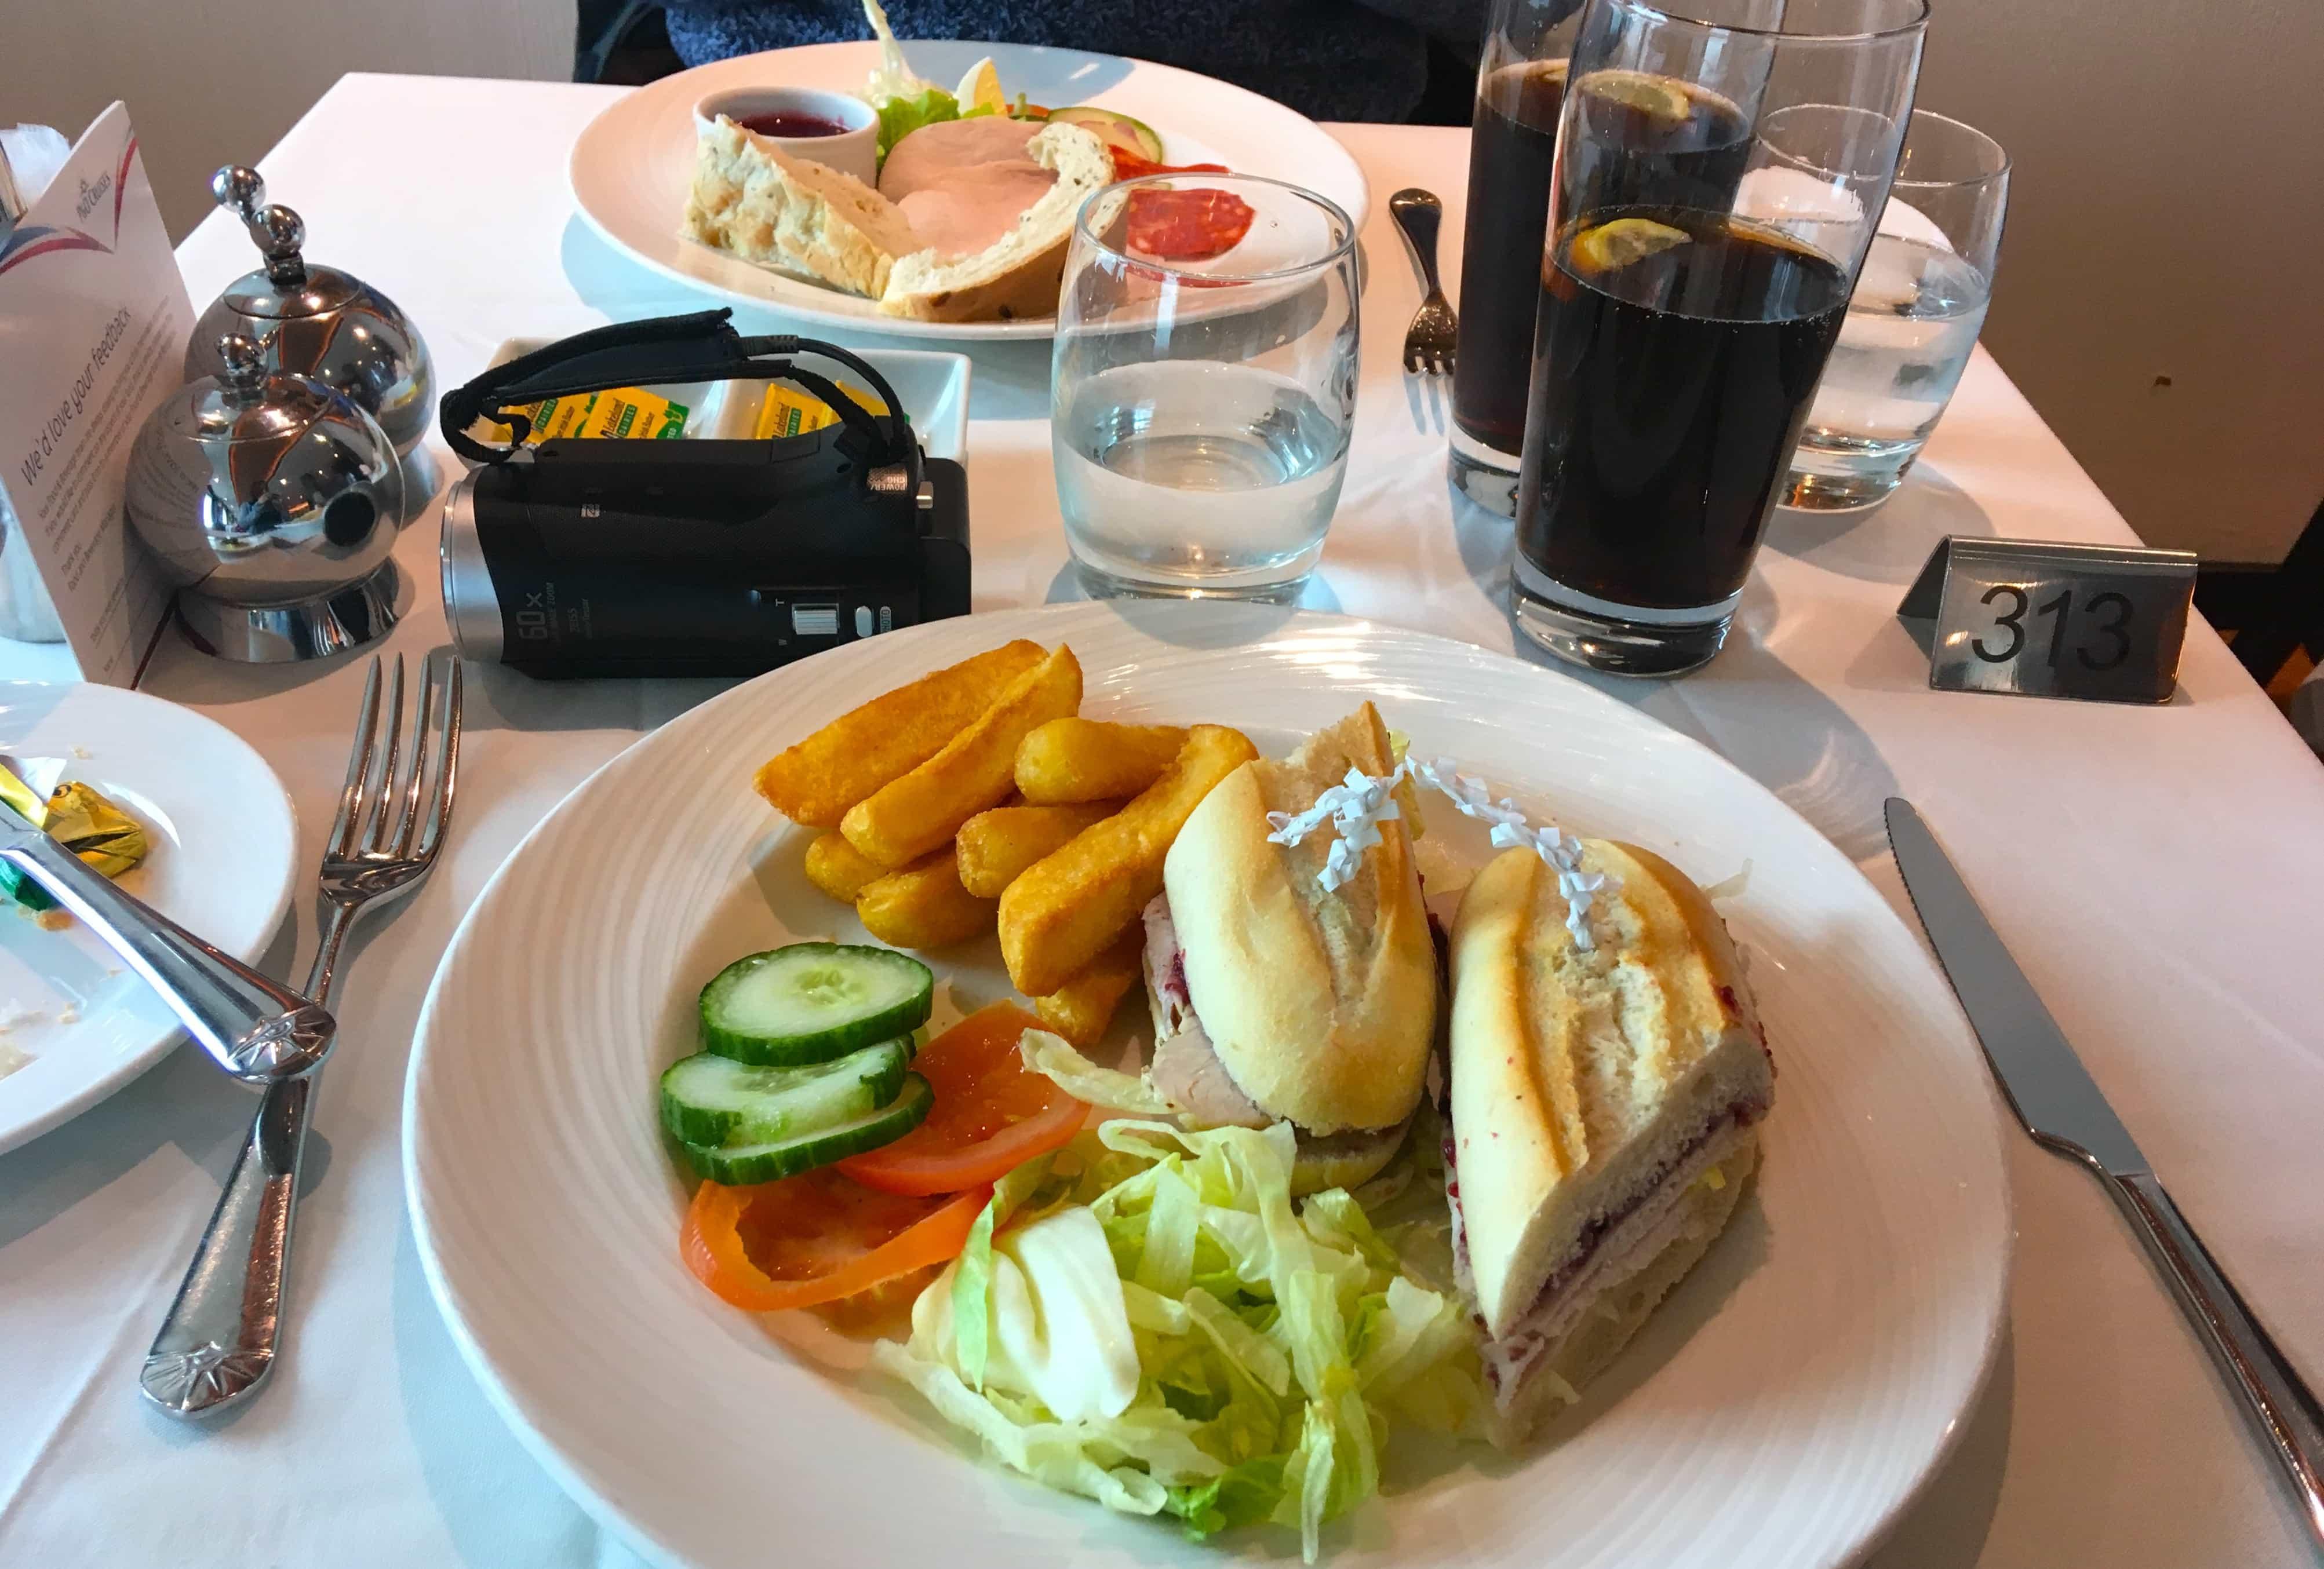 p&o britannia food lunch sandwich